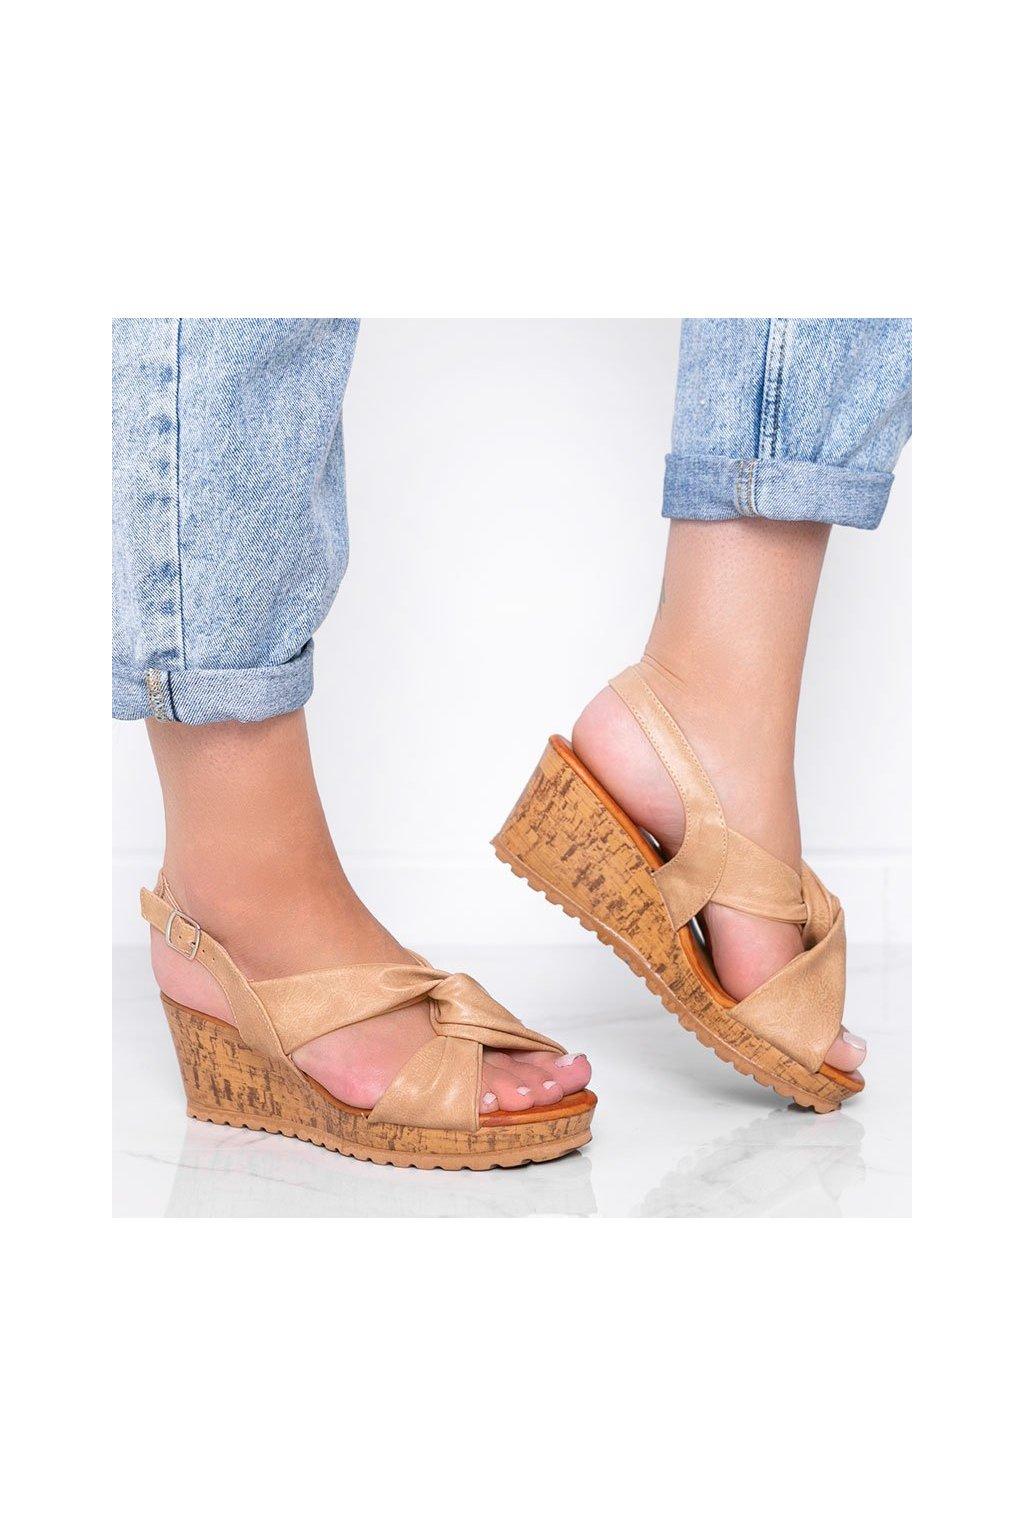 Dámske topánky sandále hnedé kód S060100 - GM